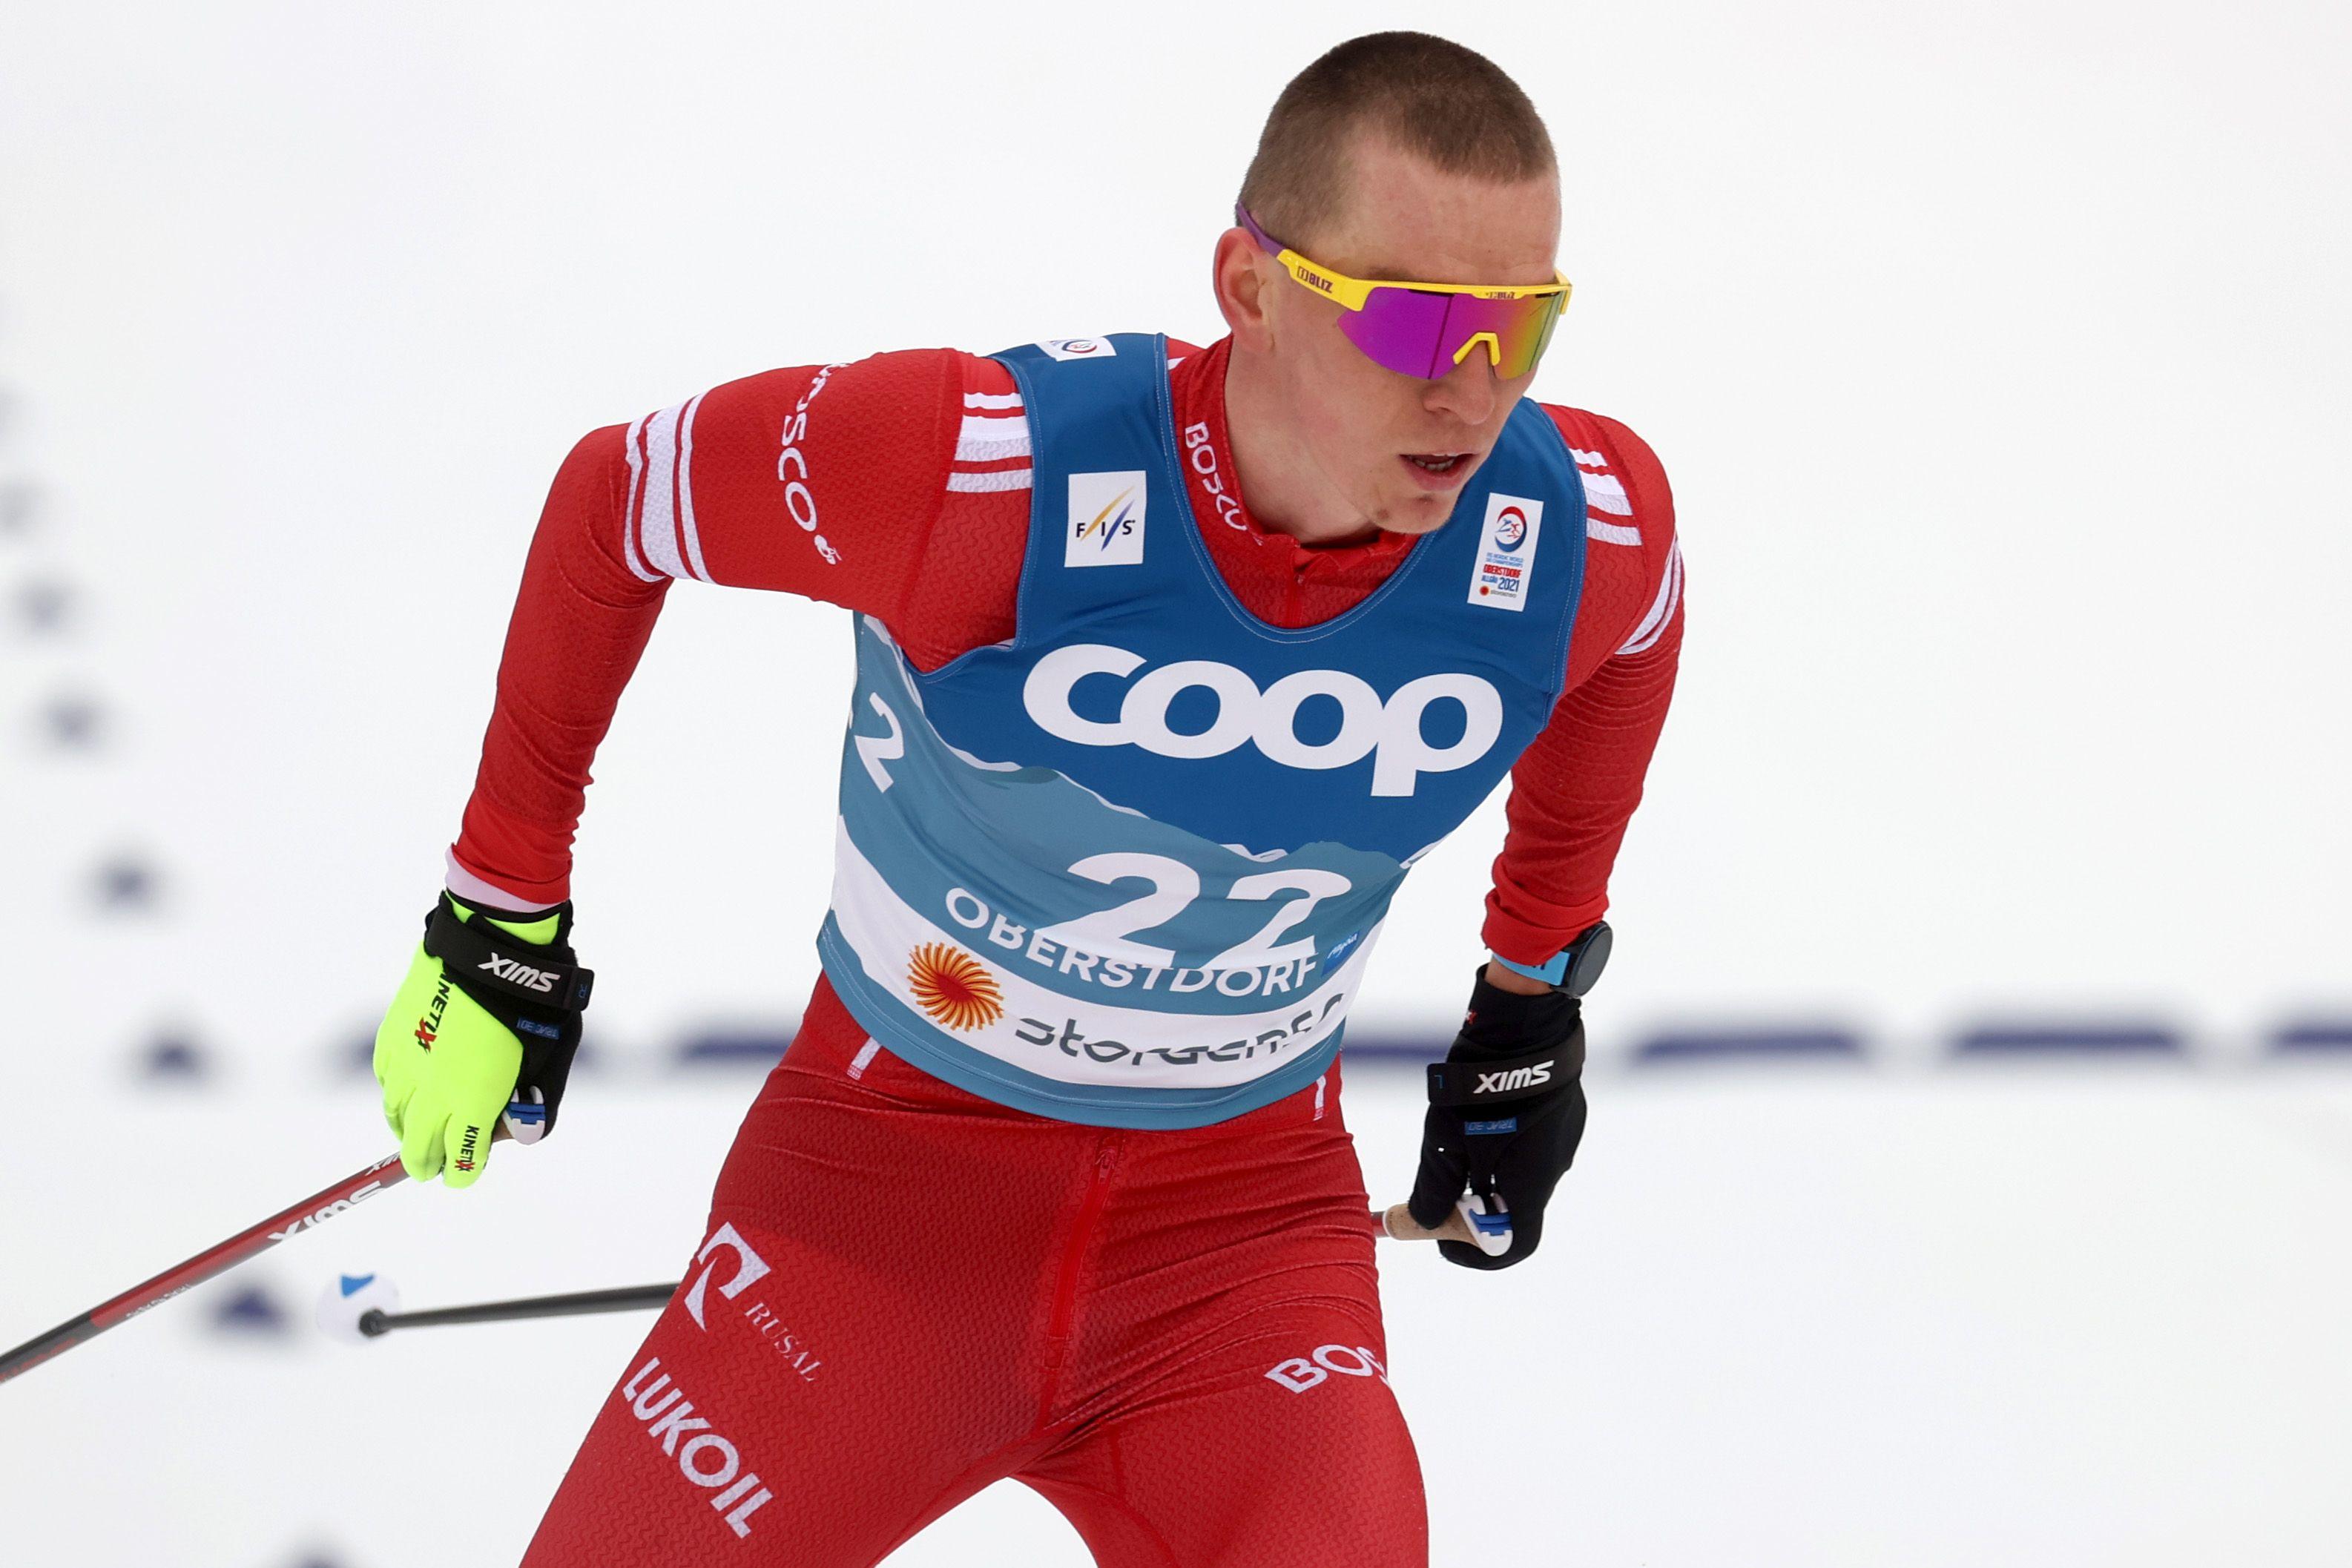 Тренер норвежских лыжников прокомментировал отказ Большунова общаться с журналистами после индивидуальной гонки на ЧМ